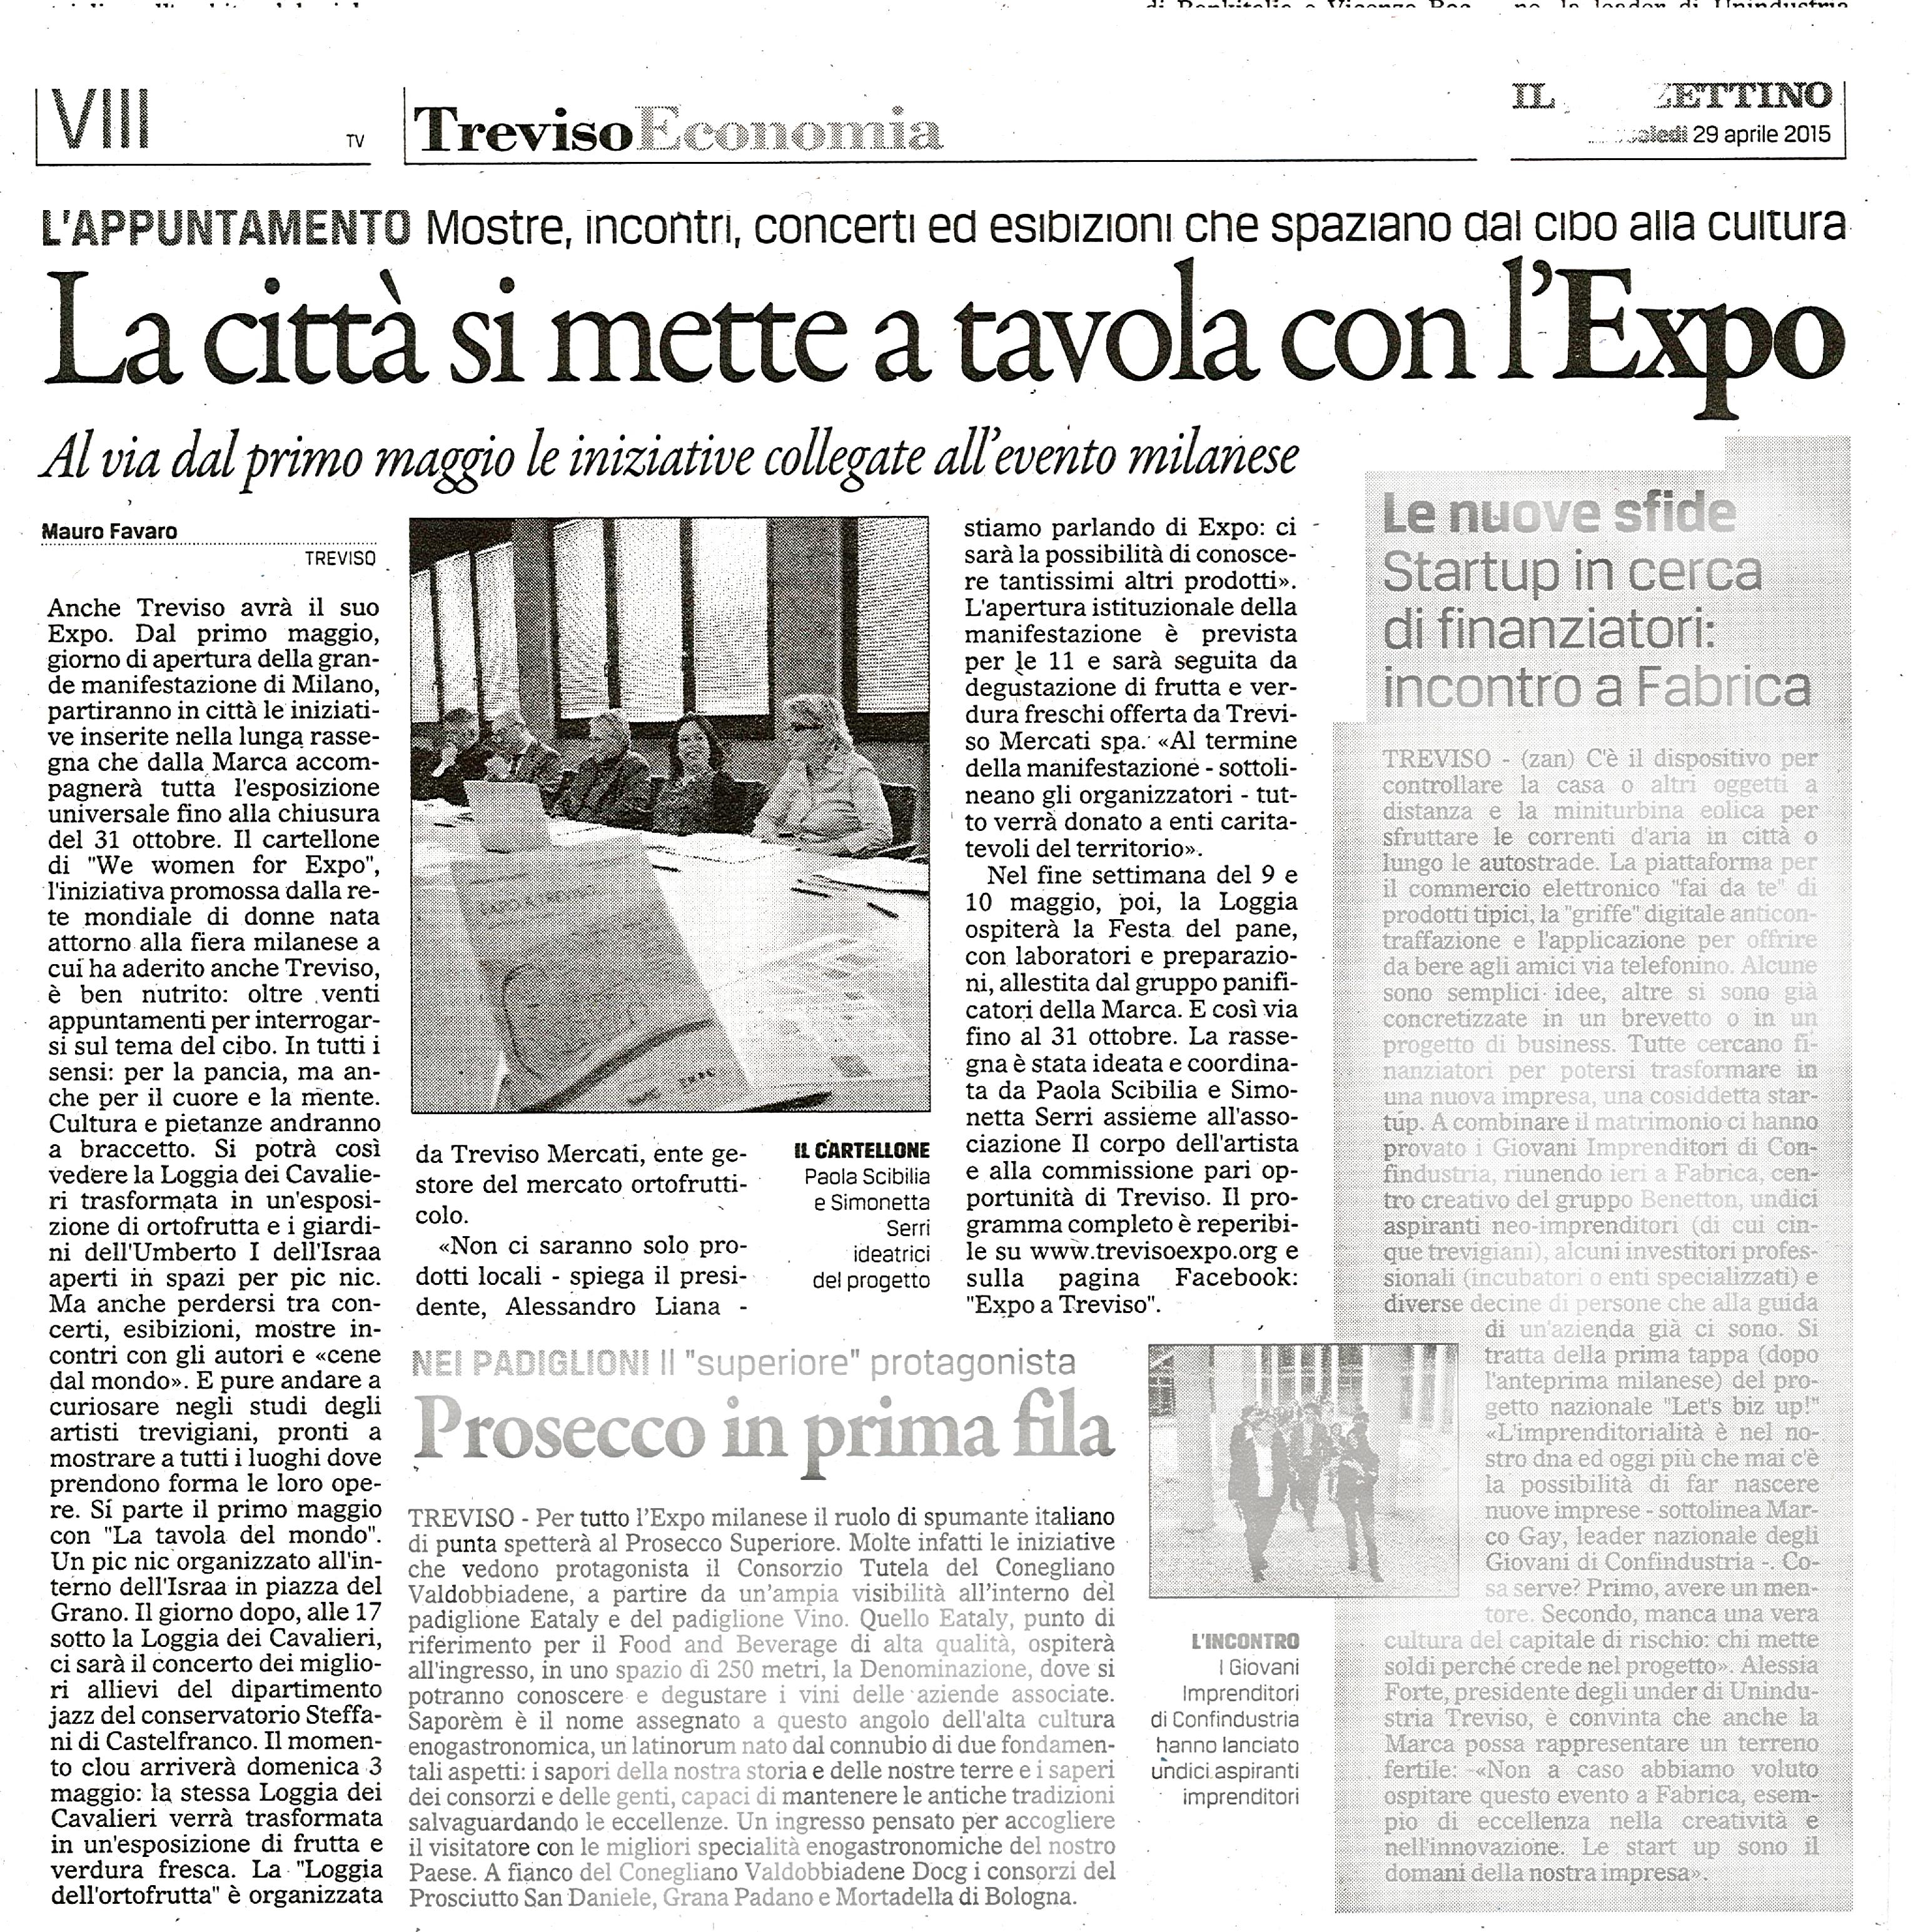 il gazzettino - Expo 2015 Treviso